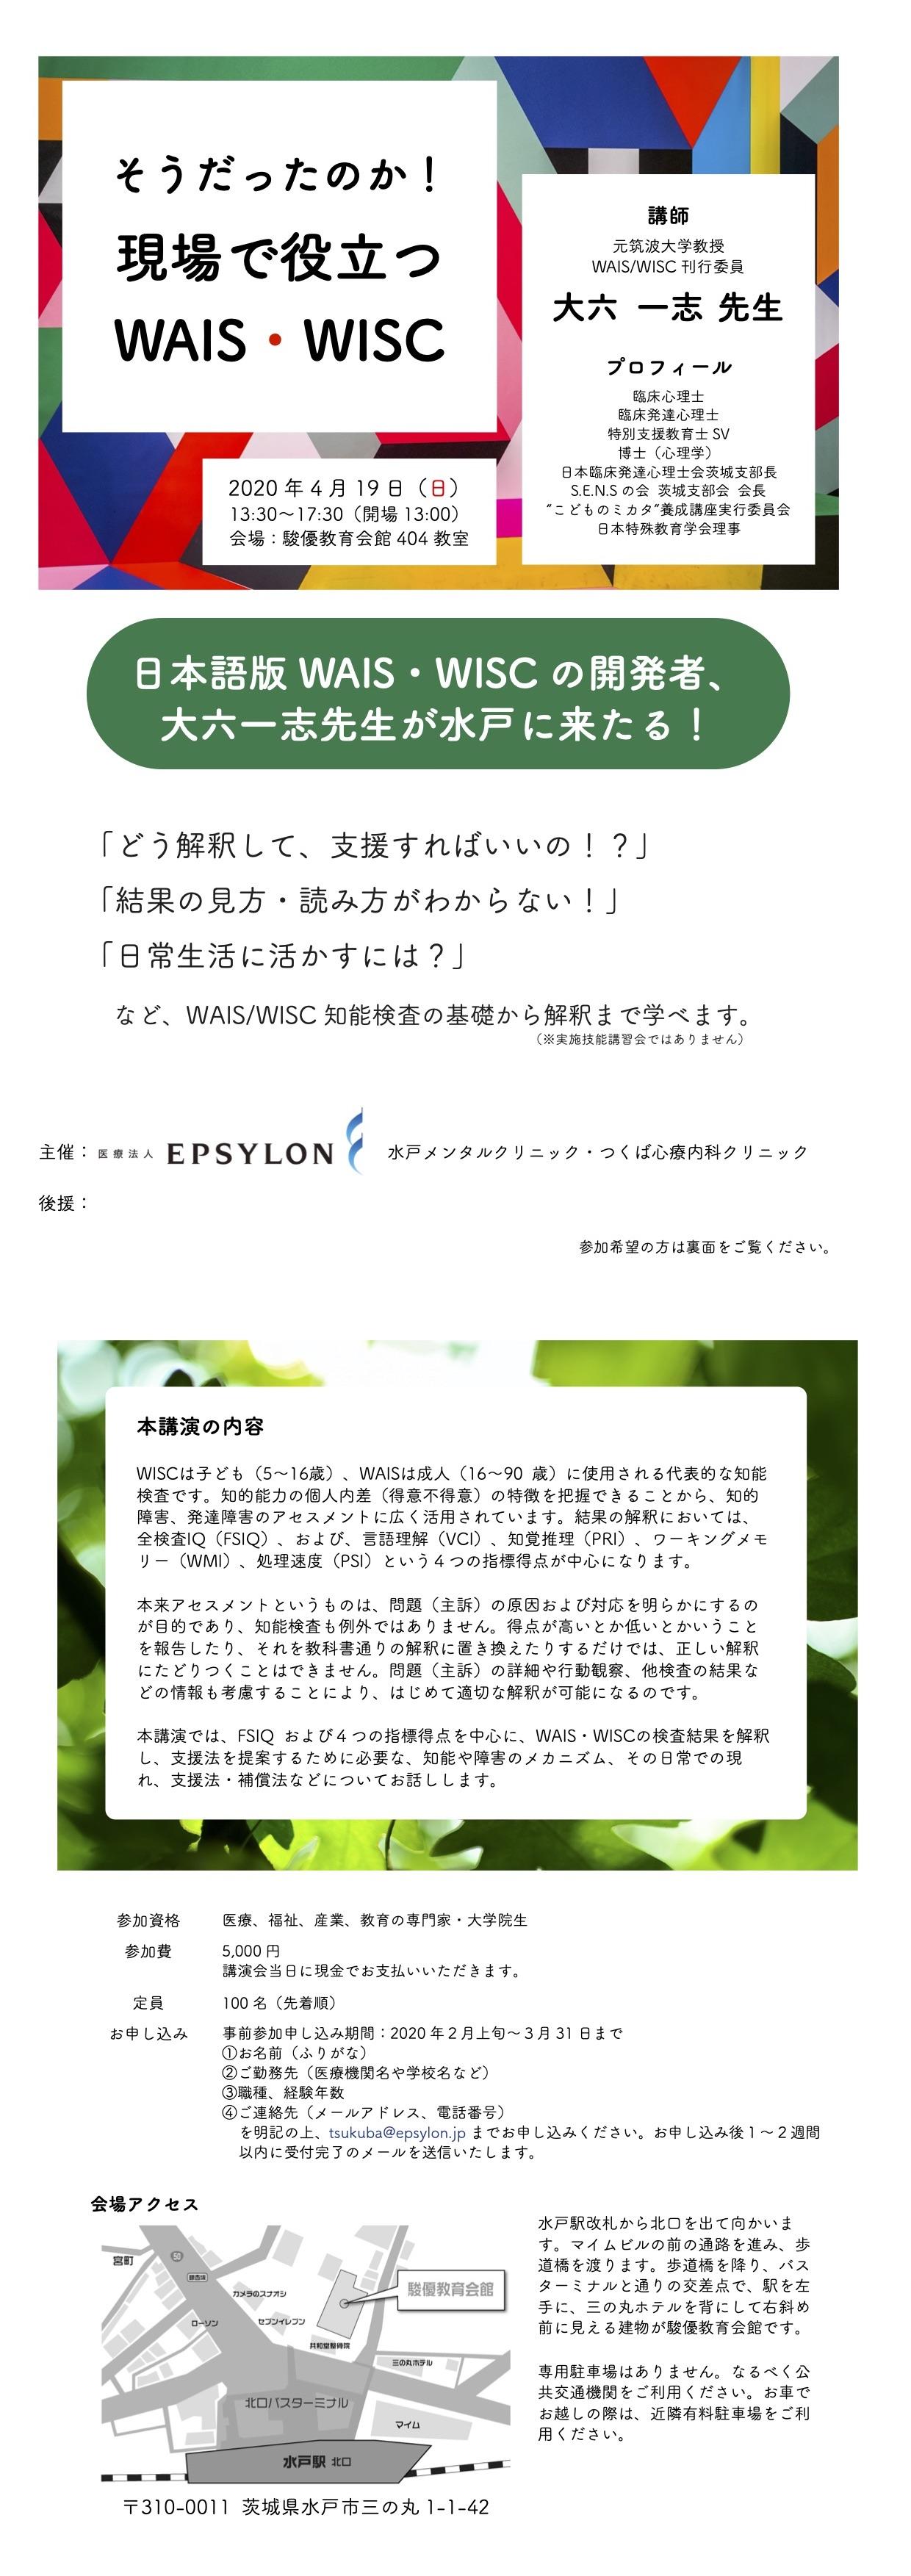 日本版WAIS・WISCの開発者、大六一志先生の講演会を主催いたします(追記あり)